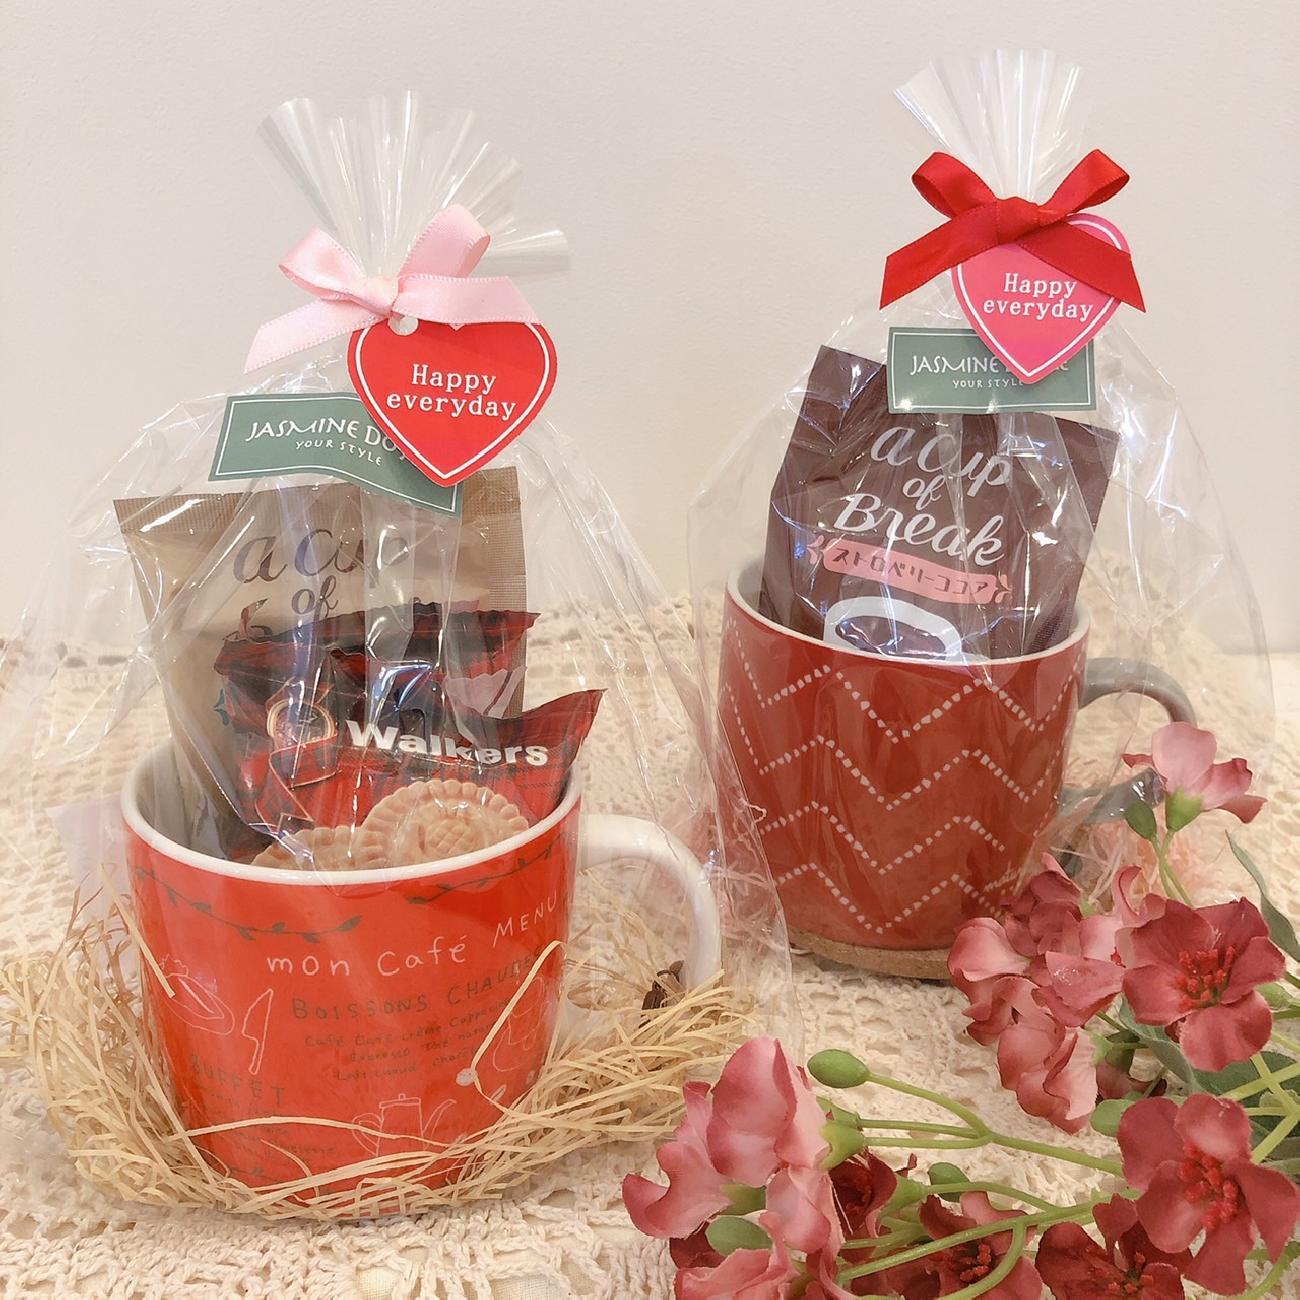 バレンタイン/チョコレート/コーヒー/クッキー/プチギフト